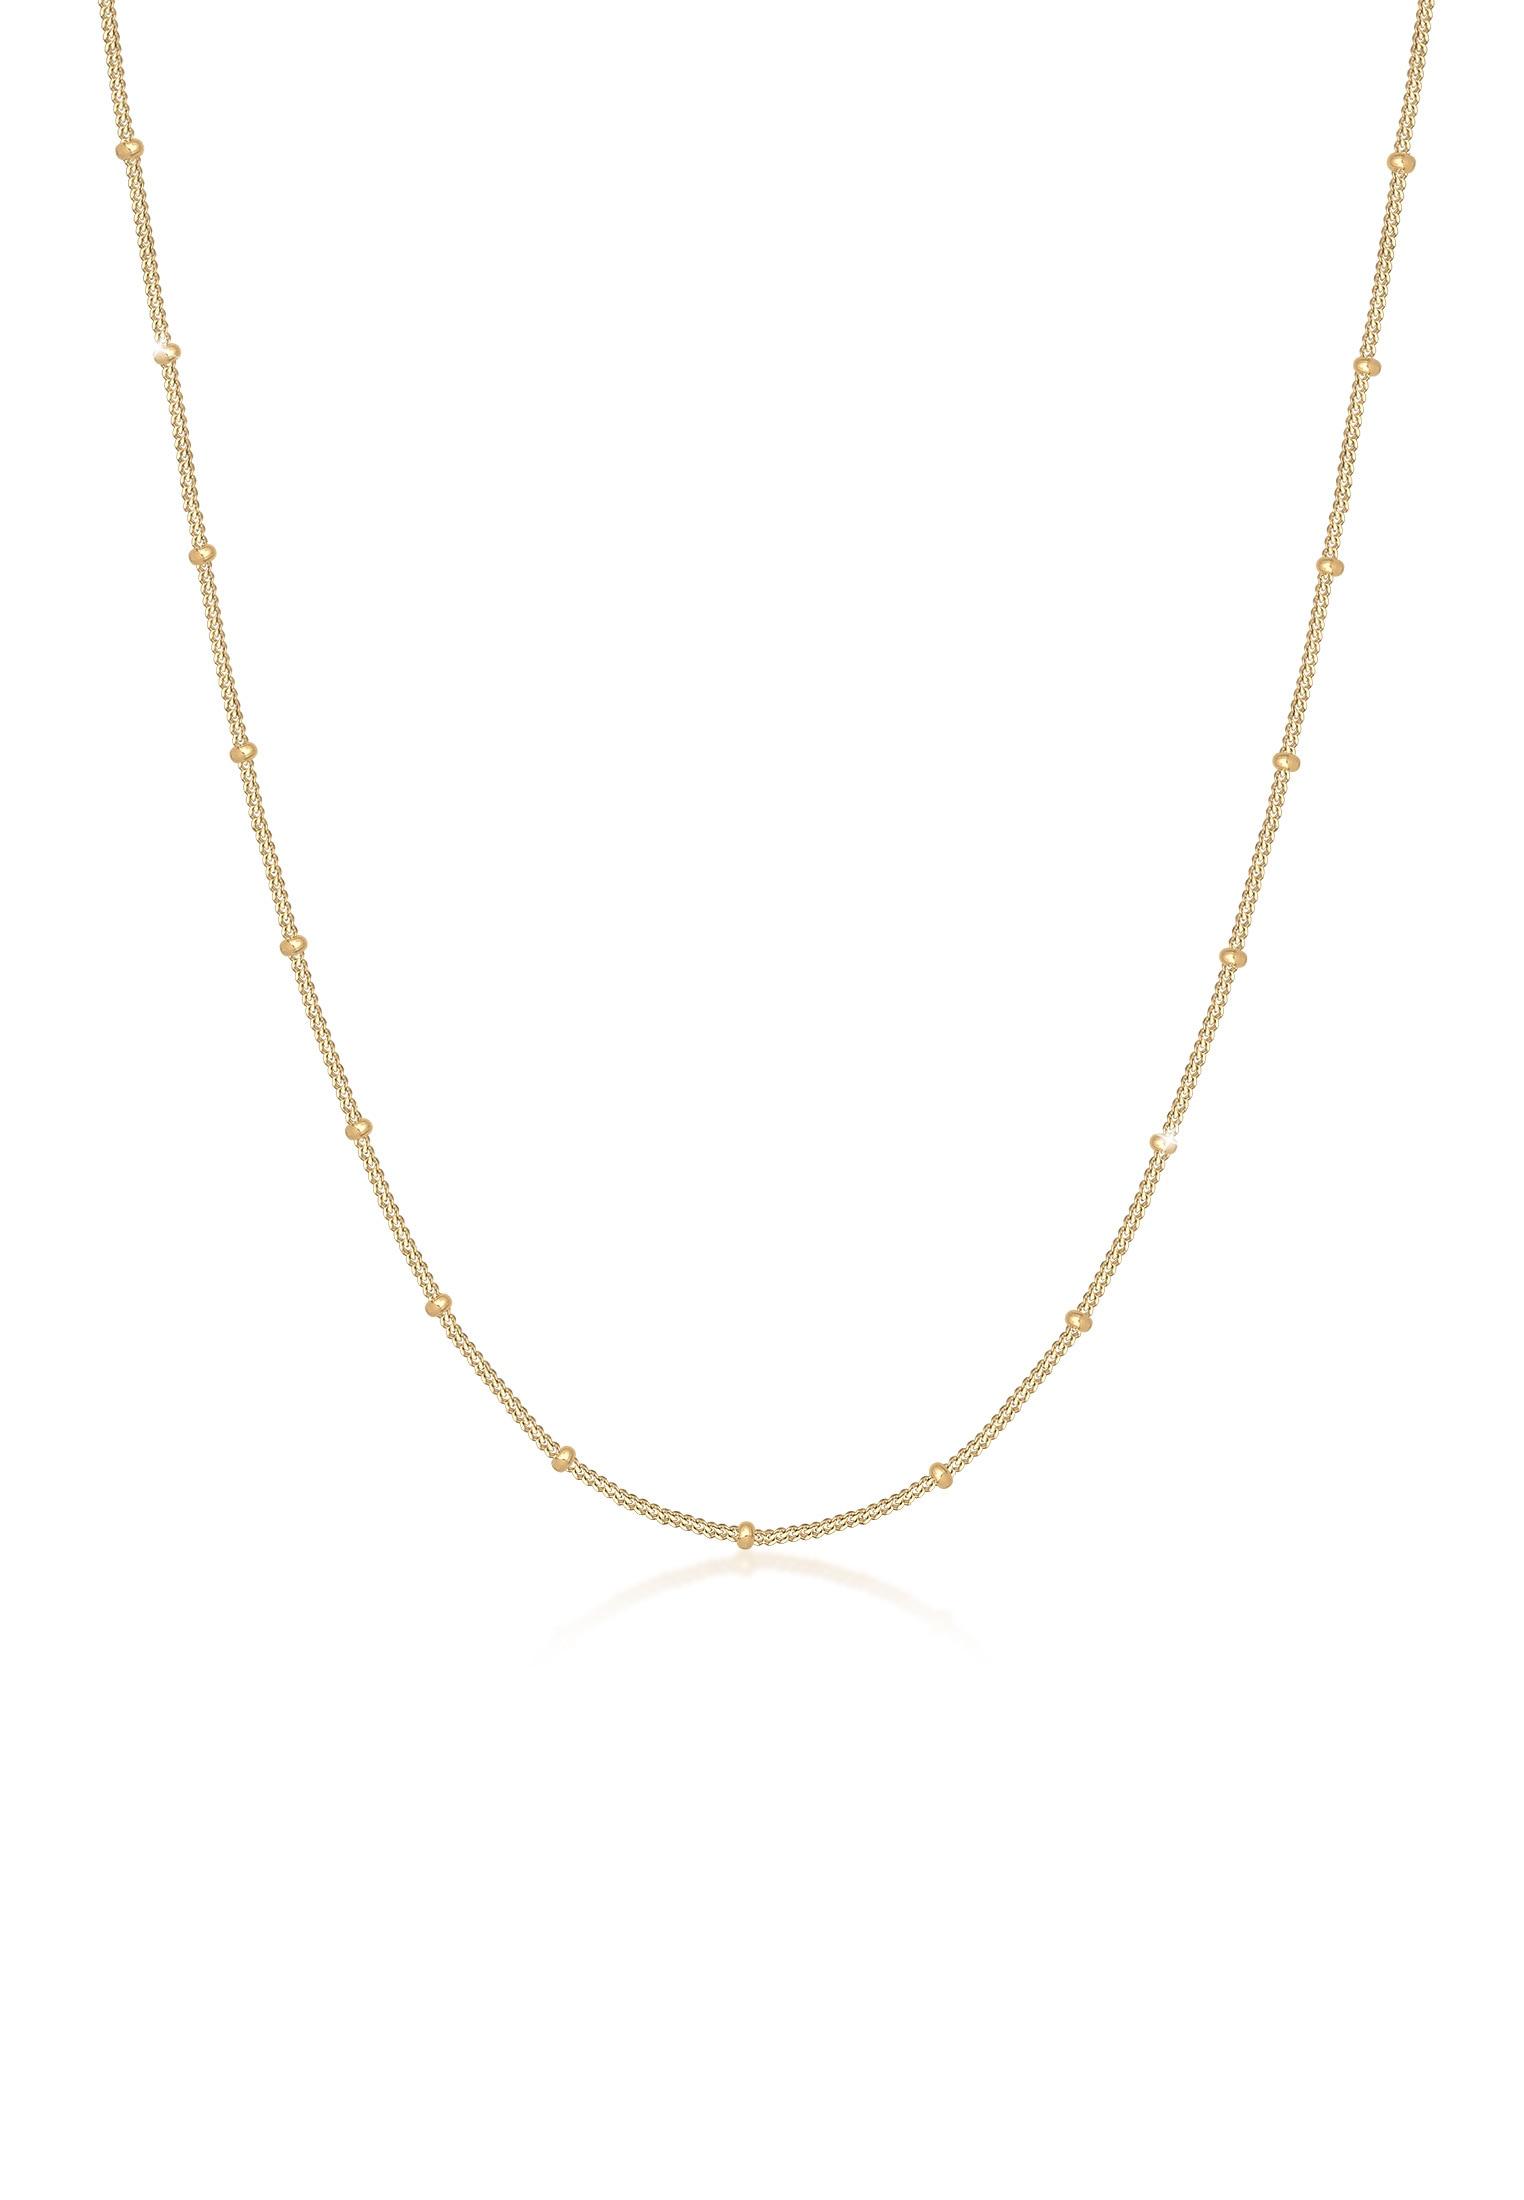 Elli Collierkettchen Kugelkette Silberkette Fein 925 Silber | Schmuck > Halsketten > Silberketten | Goldfarben | Elli